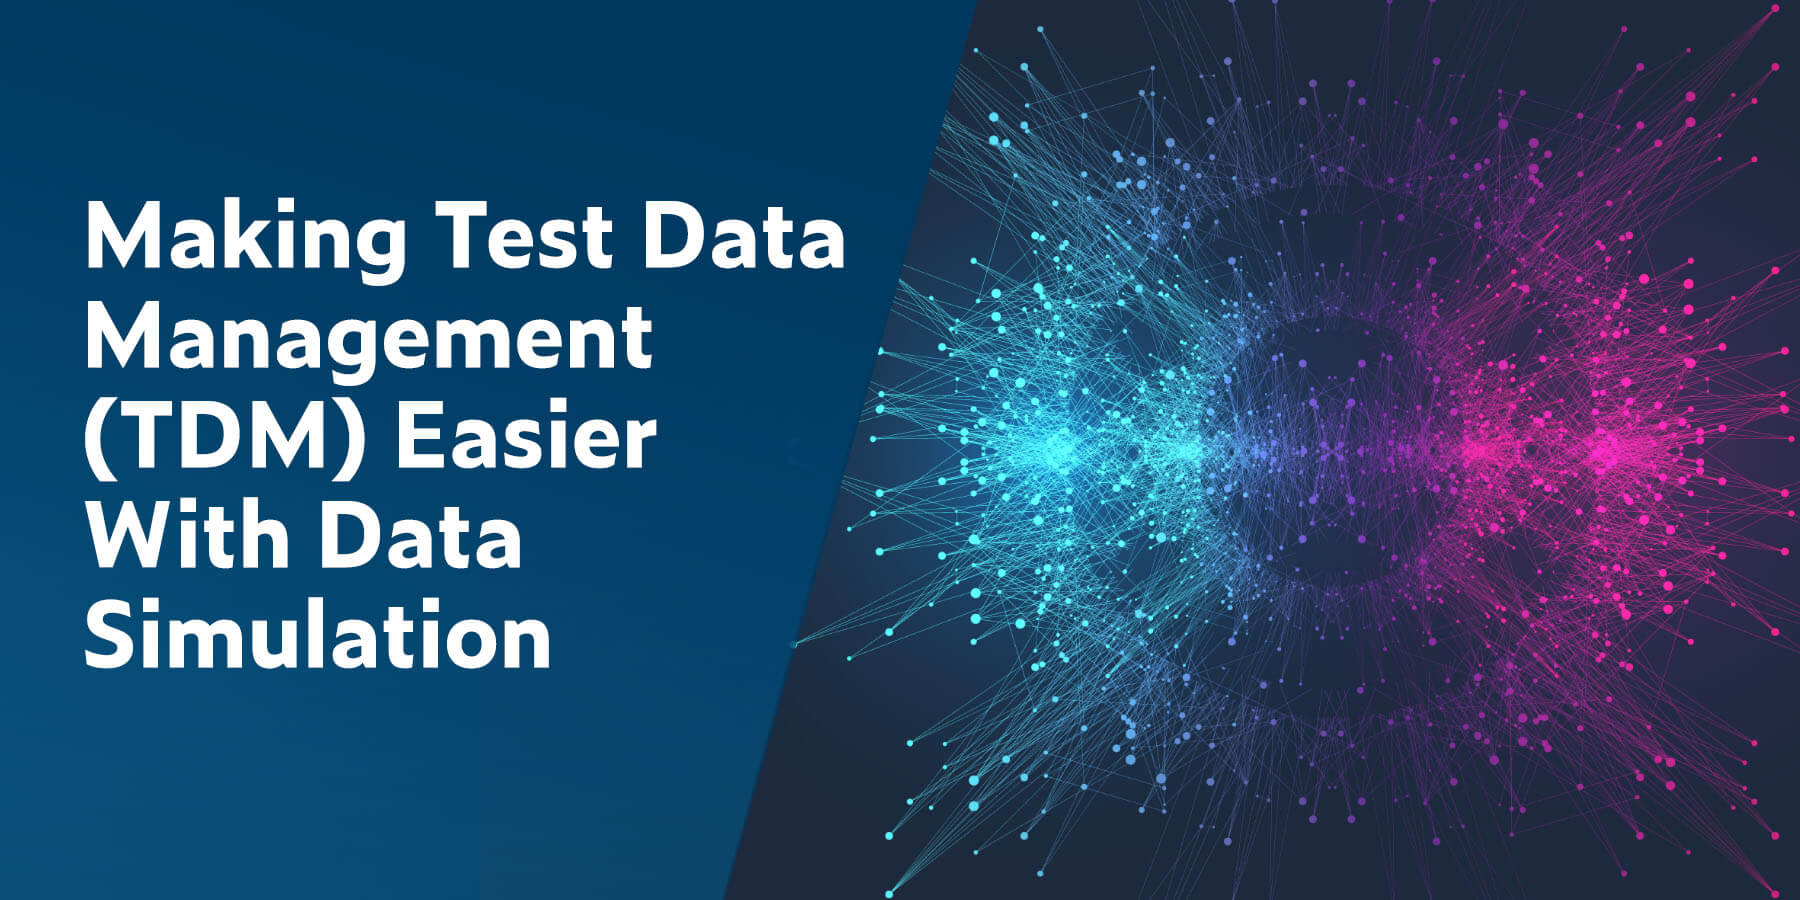 Facilitar la gestión de datos de prueba (TDM) con la simulación de datos